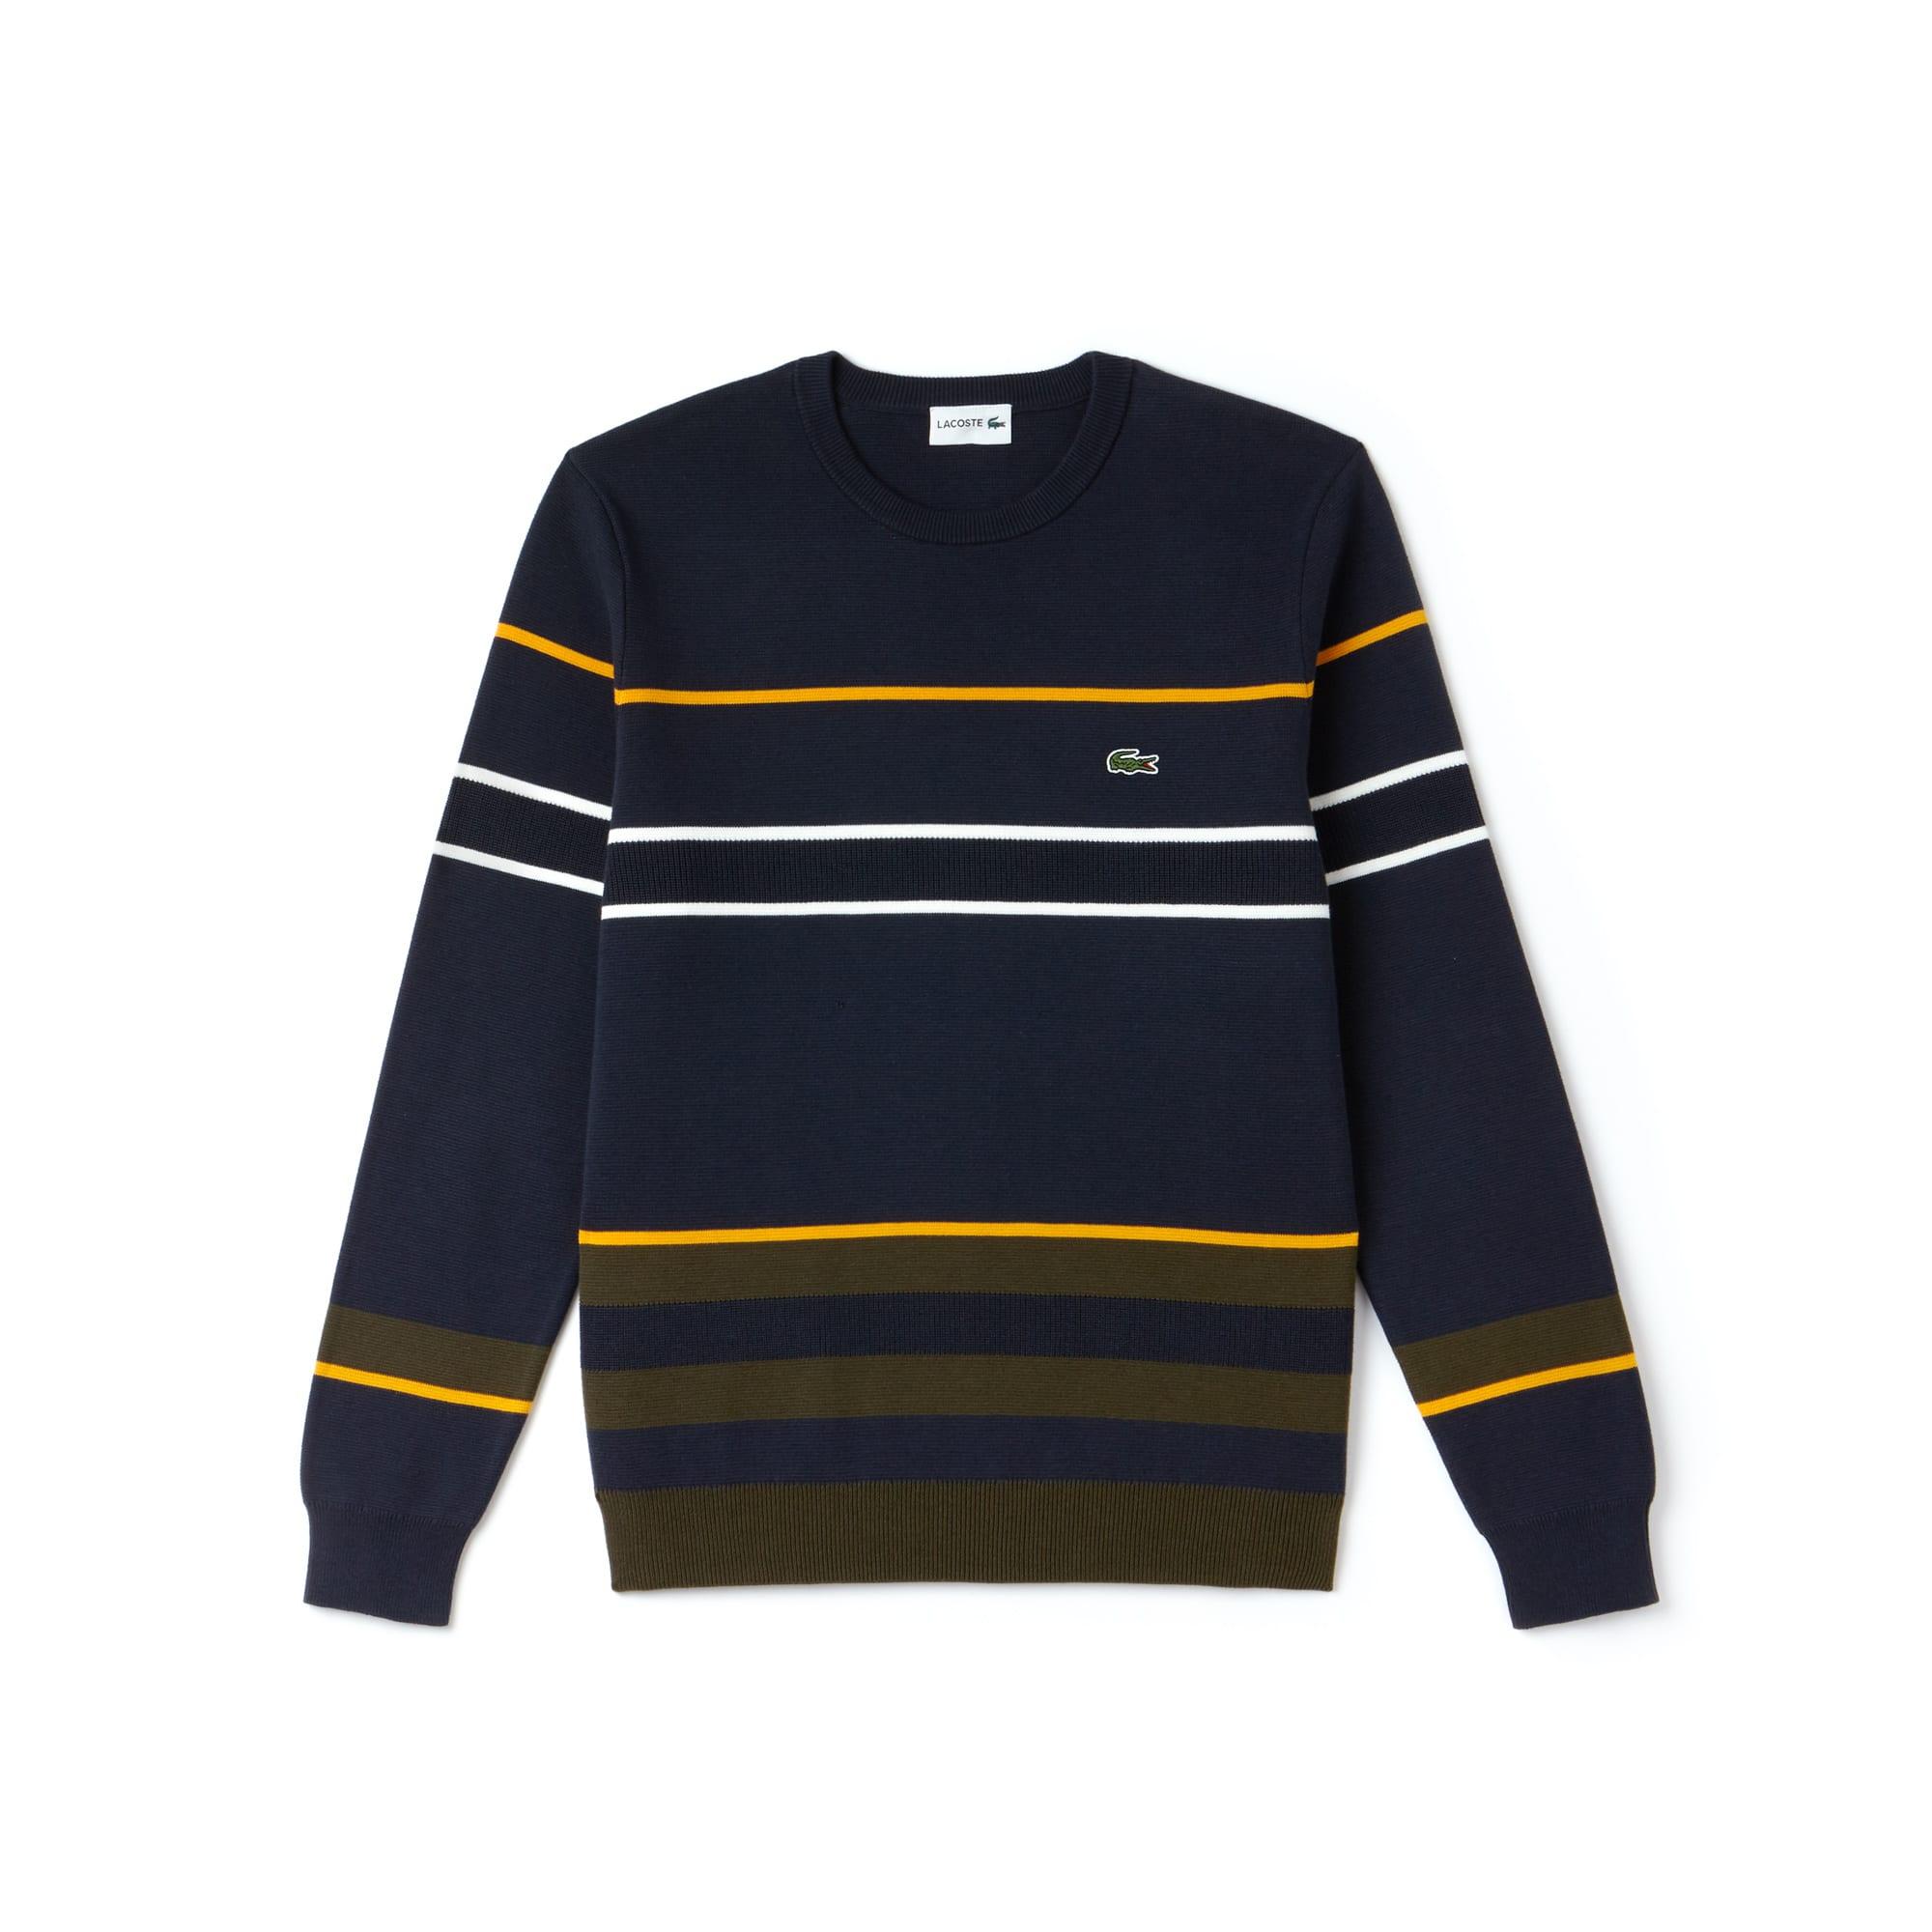 Herren Pullover mit bunten Streifen aus Milano Baumwolle